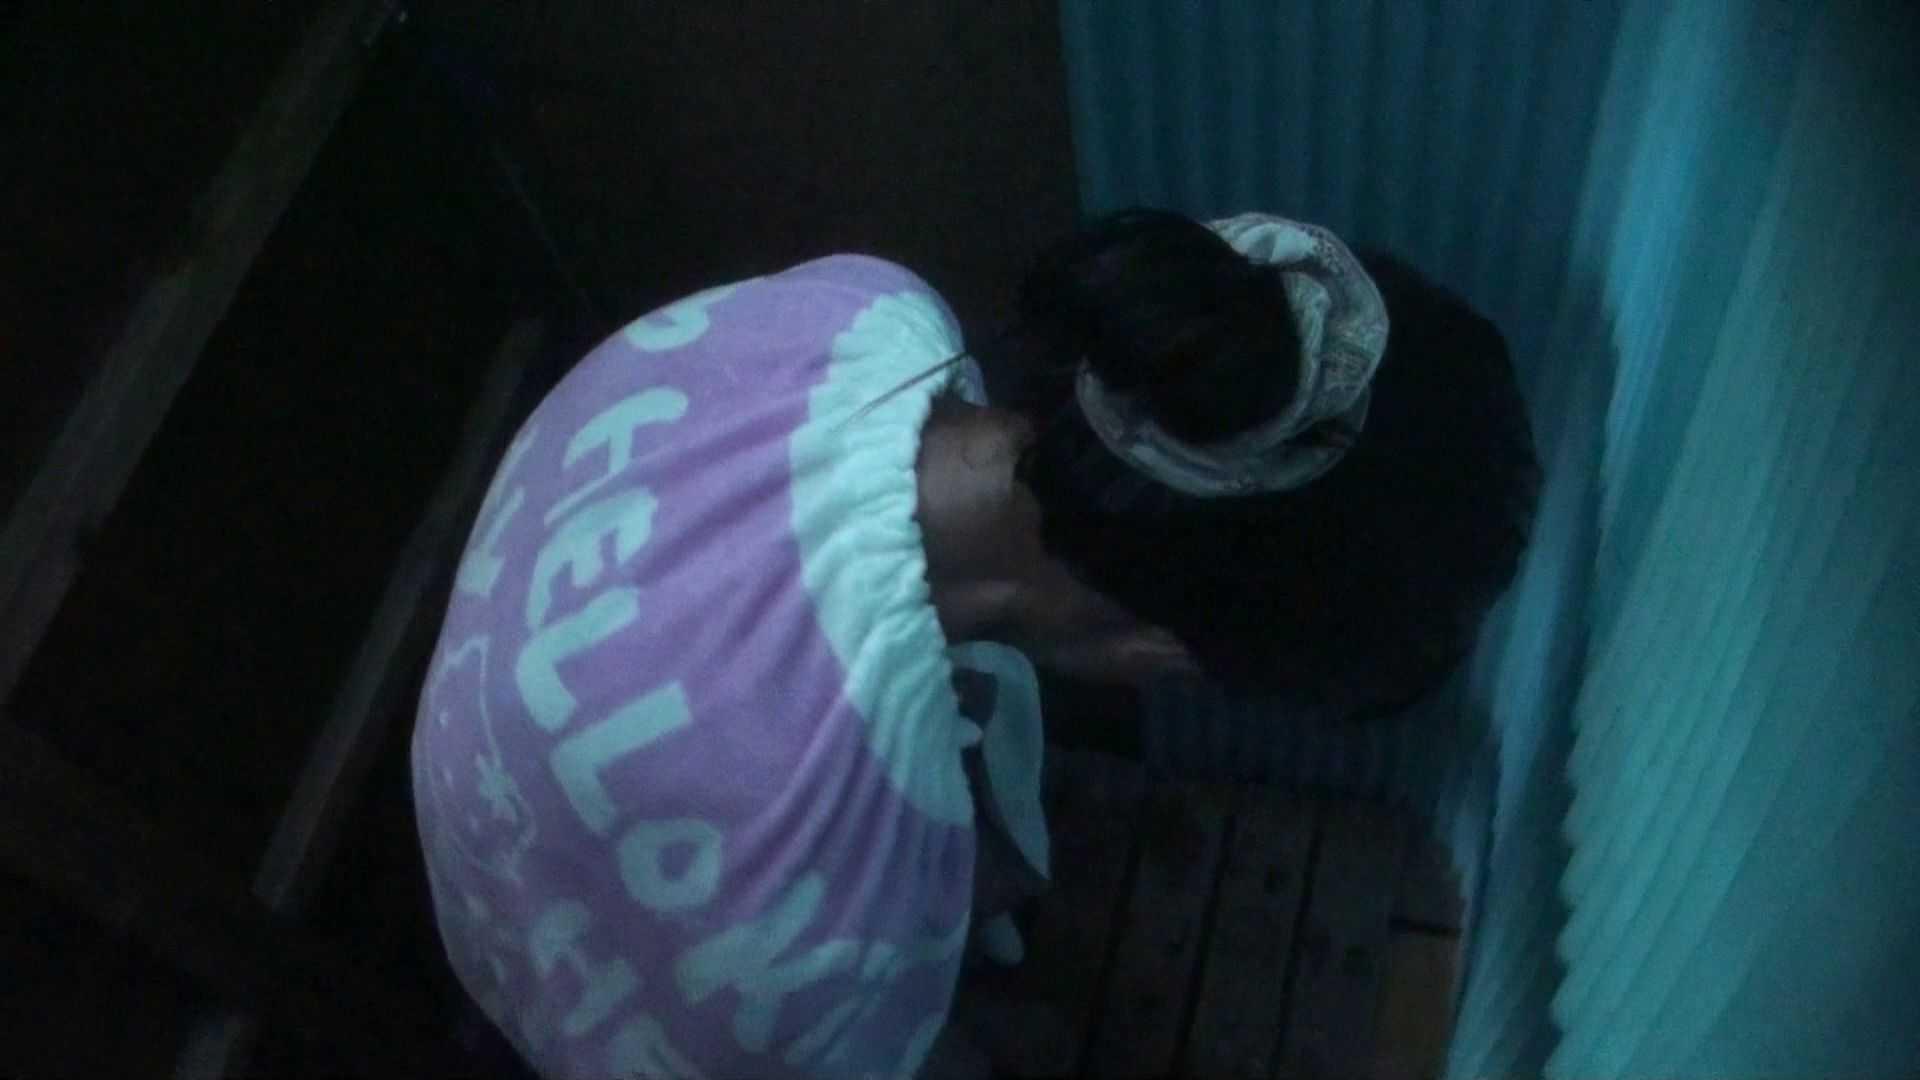 シャワールームは超!!危険な香りVol.26 大学生風美形ギャル 暗さが残念! シャワー  106画像 68